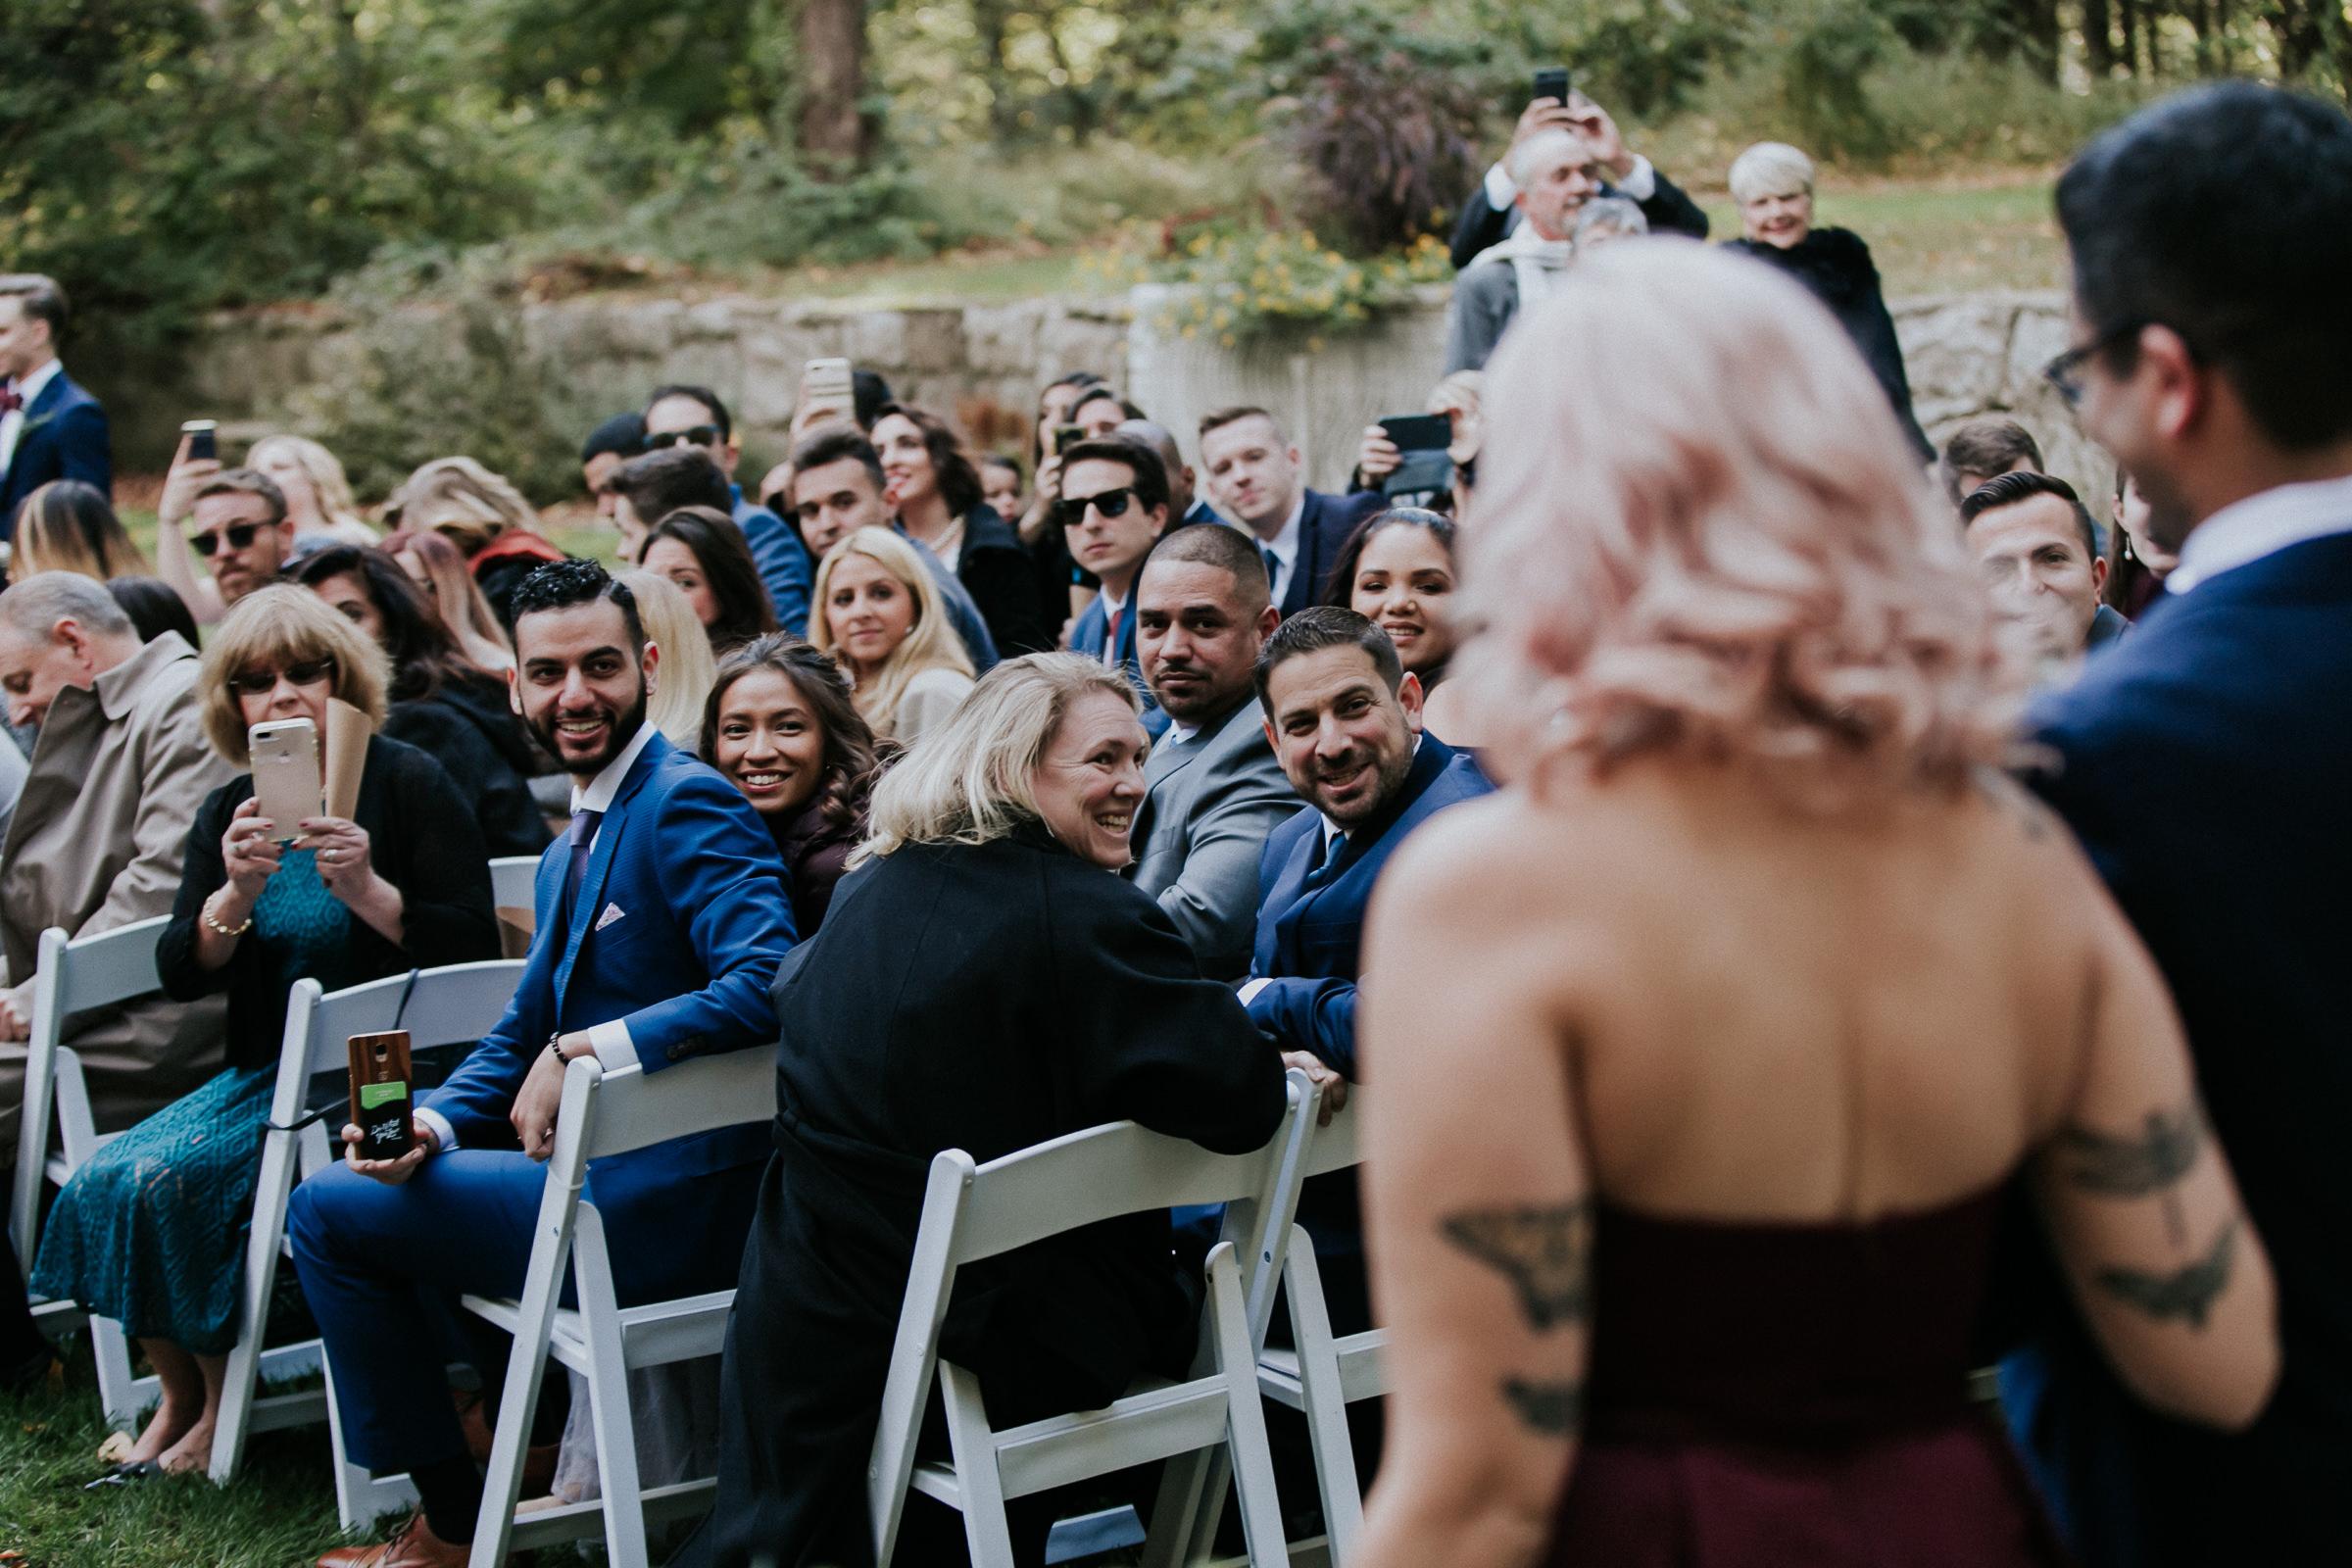 Arrow-Park-Monroe-NY-Documentary-Wedding-Photographer-41.jpg